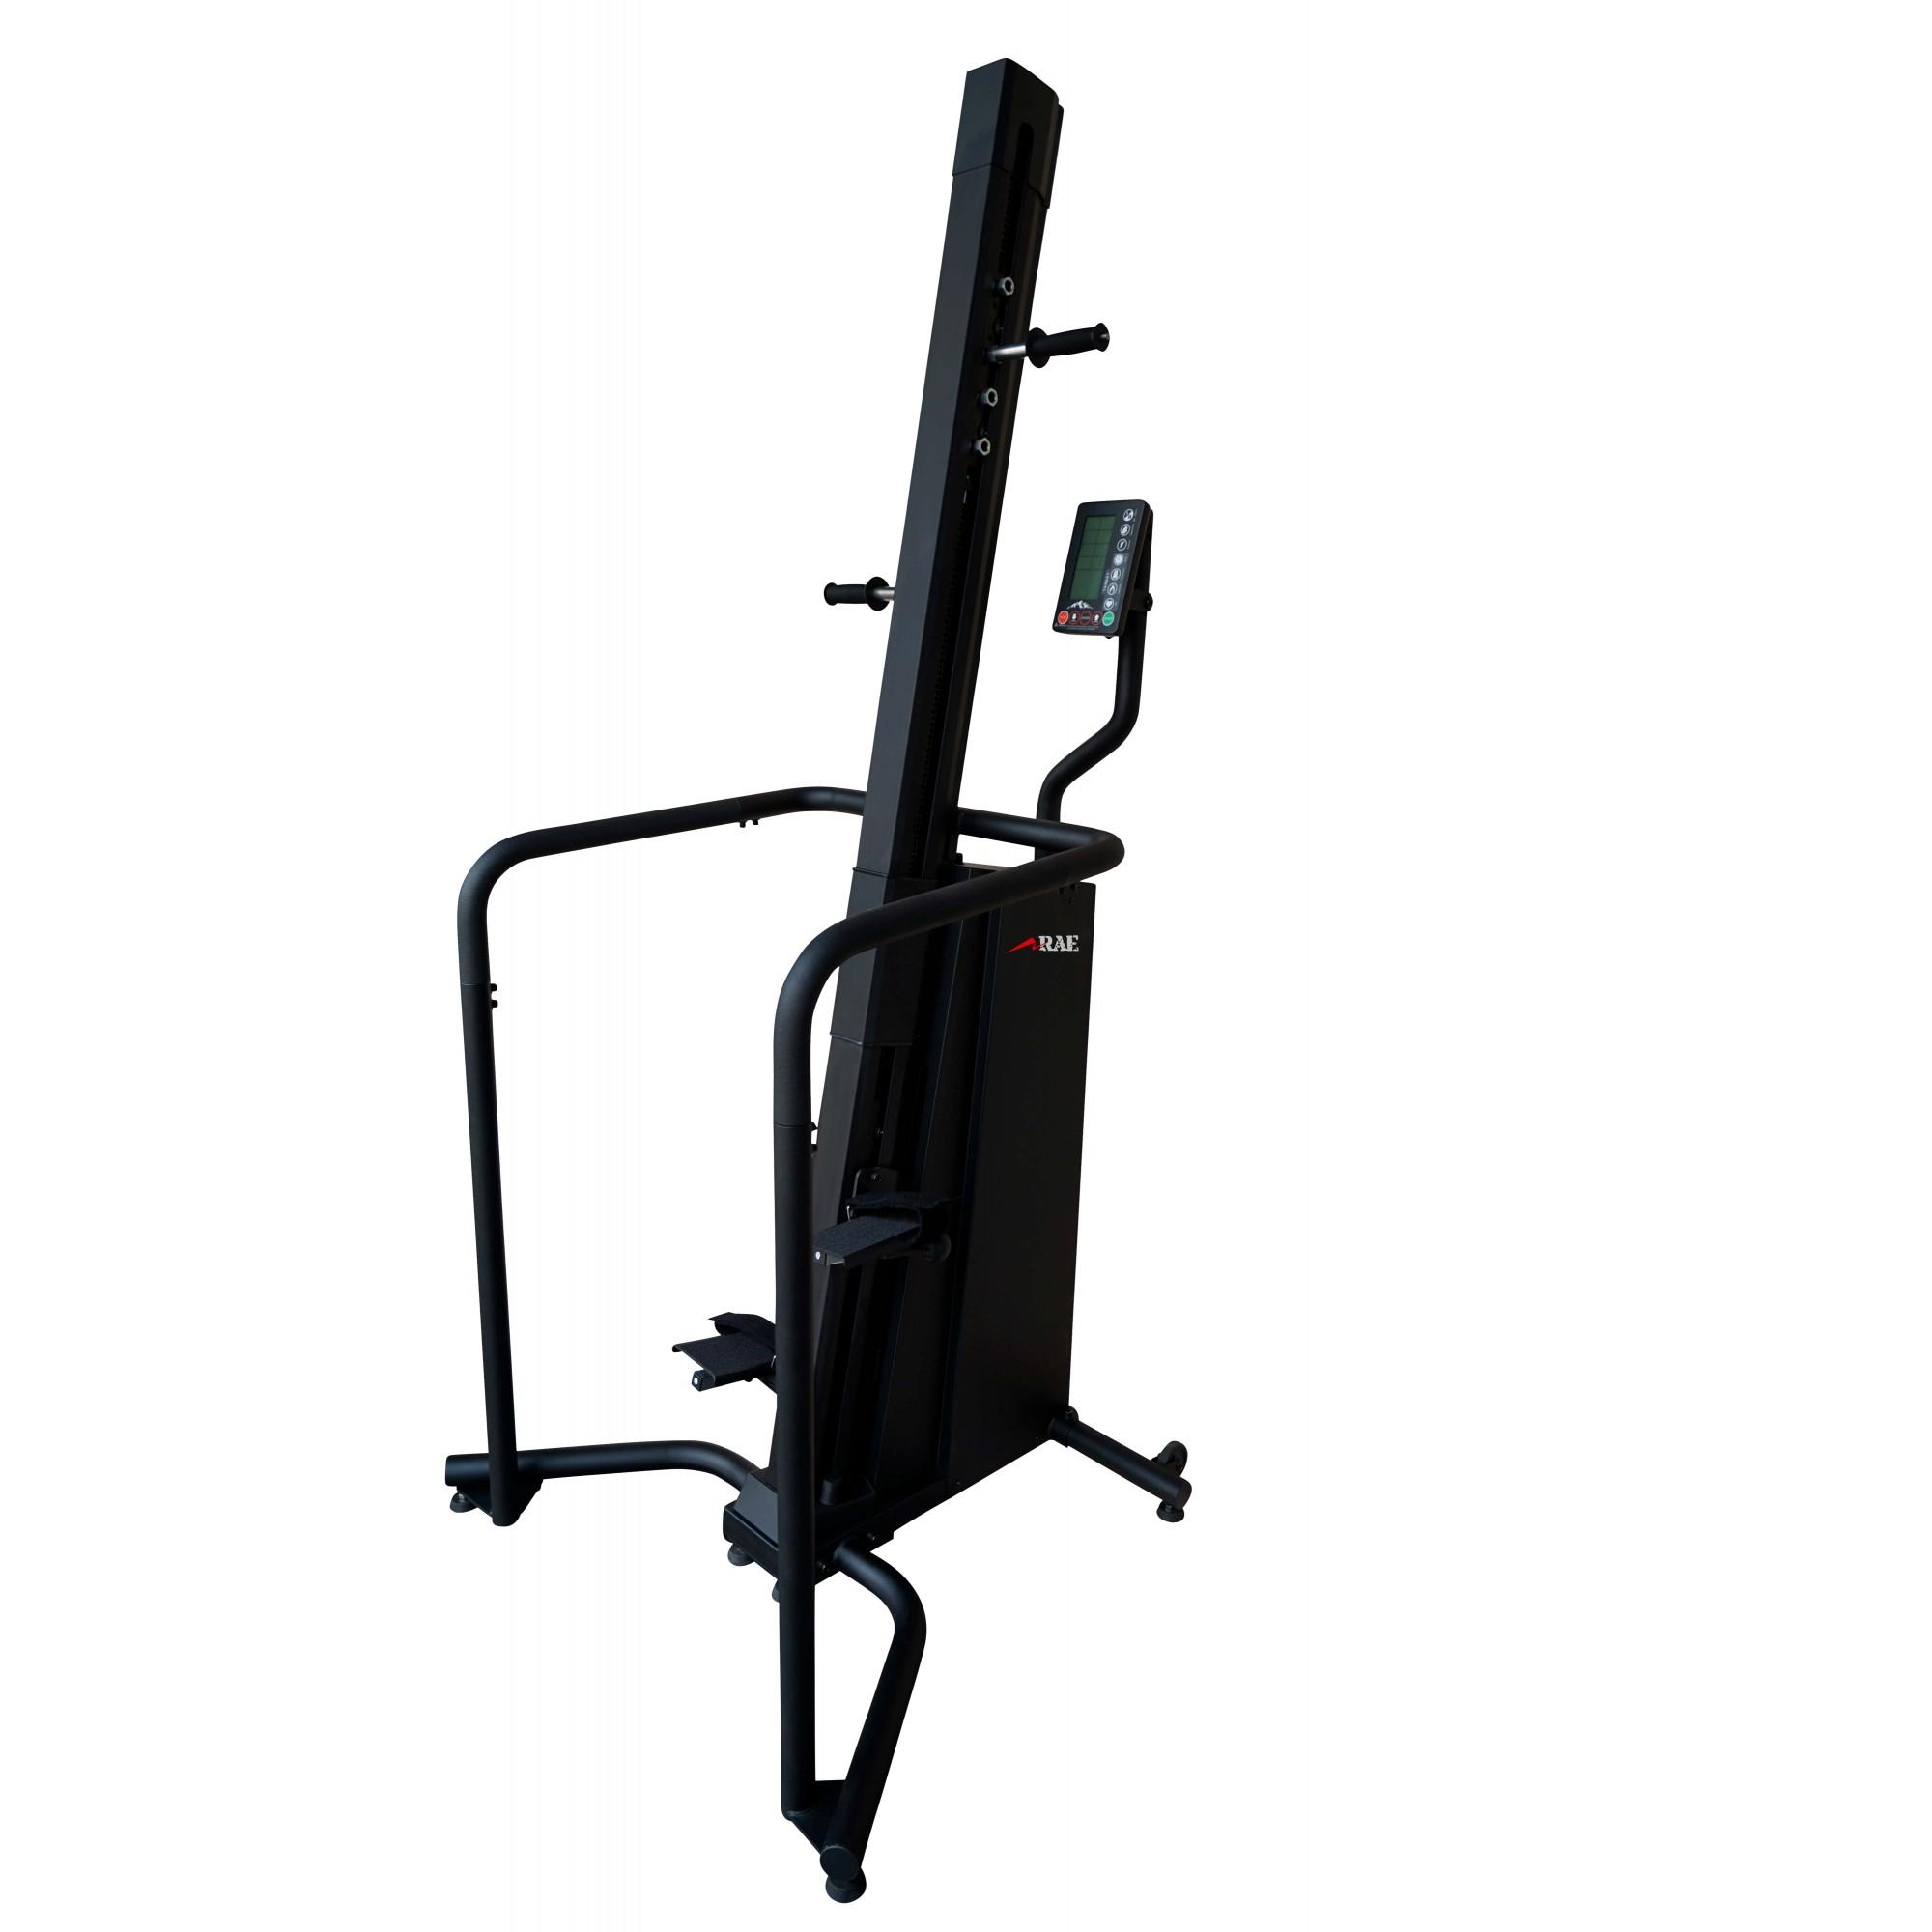 Simulador de Escalada - Vertical Climber com Bluetooth e Ant+ - Rae Fitness